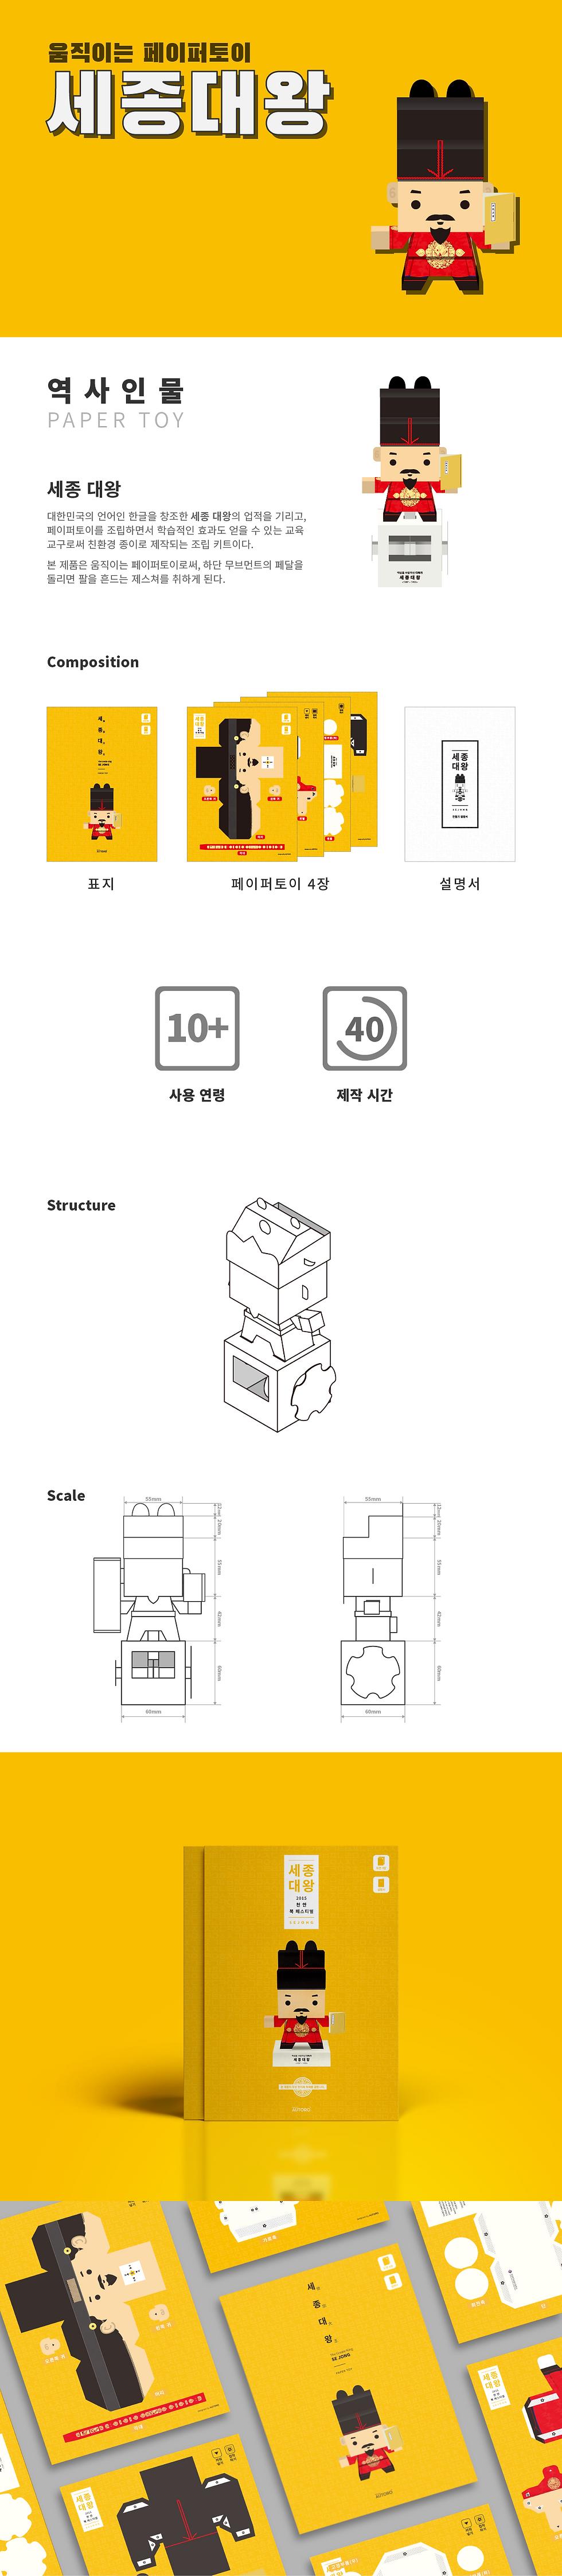 01-06. 세종 대왕_무브먼트_상세페이지.png